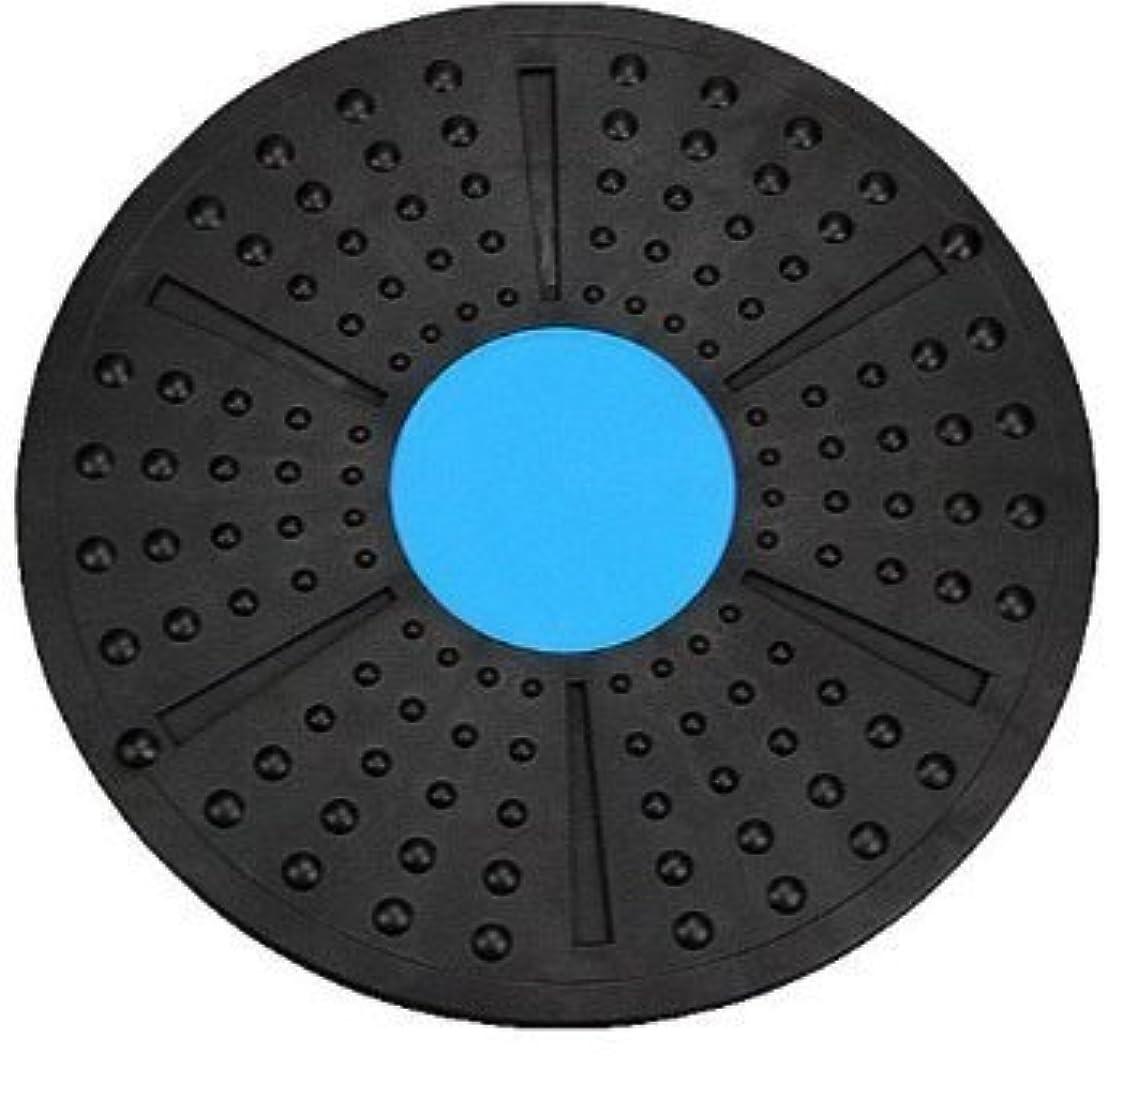 アノイ曲がった夜明けに体幹トレーニング ダイエット エクササイズ メディカルサポート バランスボード 2色 これ1つで全身運動 (青×黒)